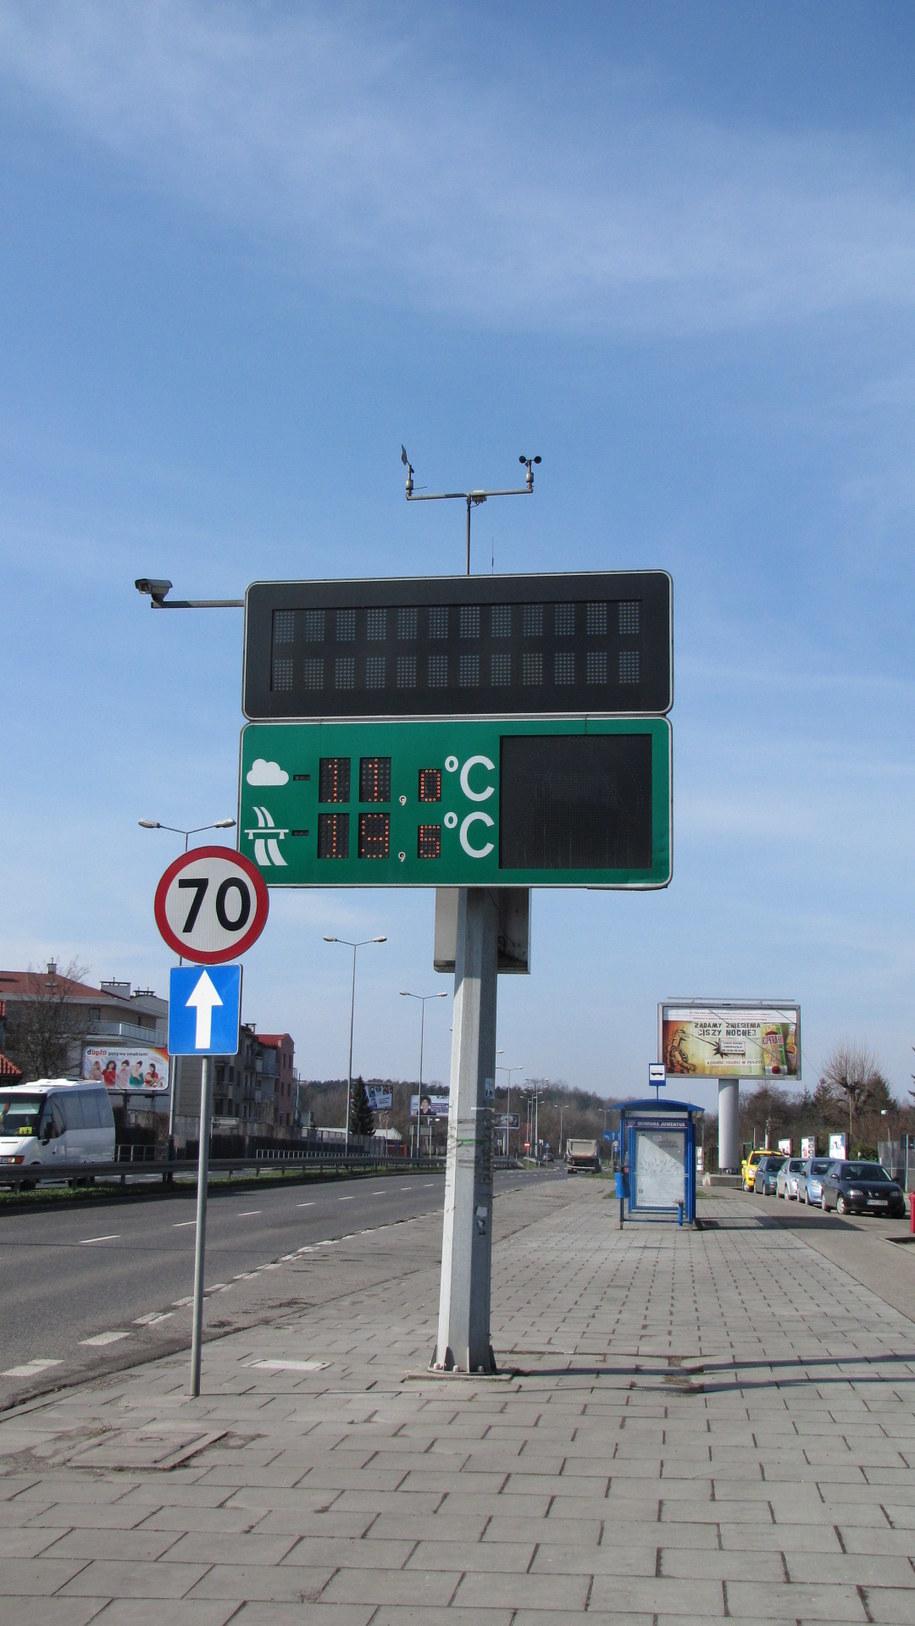 W Krakowie tablice pokazują... temperaturę /Maciej Grzyb /RMF FM